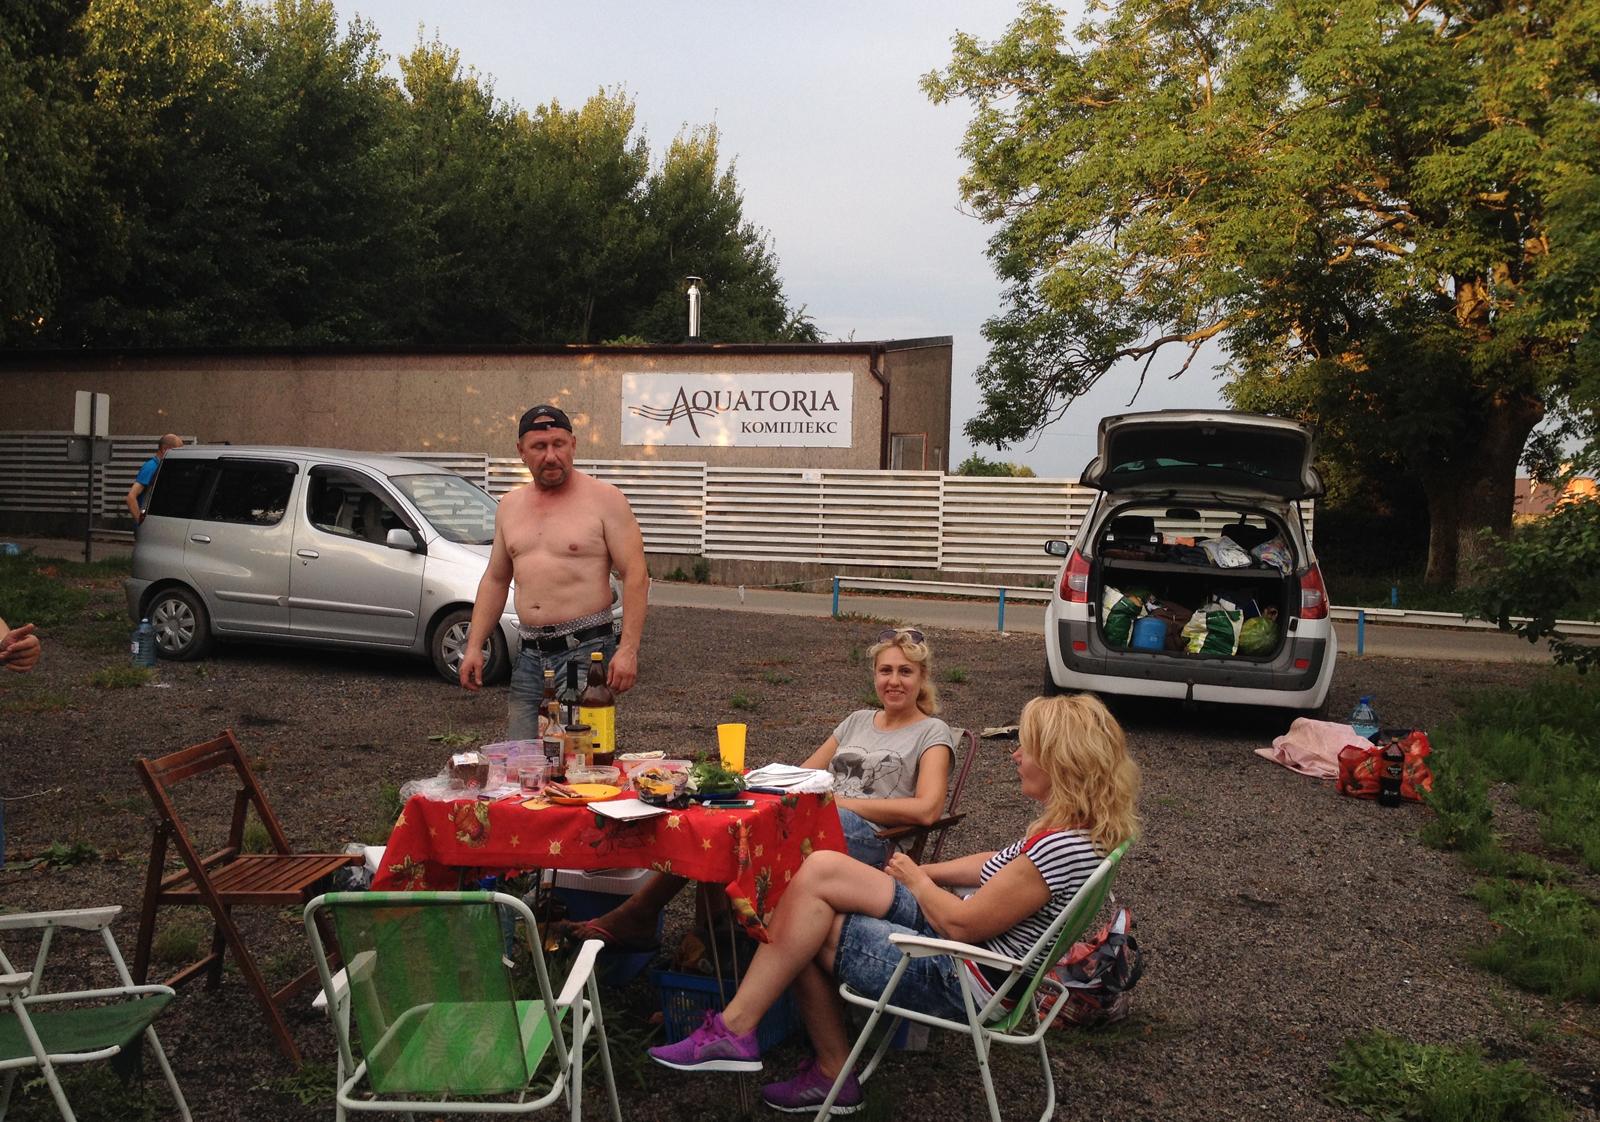 кемпиег Акватория, Aquatoria camping, caravan, трейлер, палатка